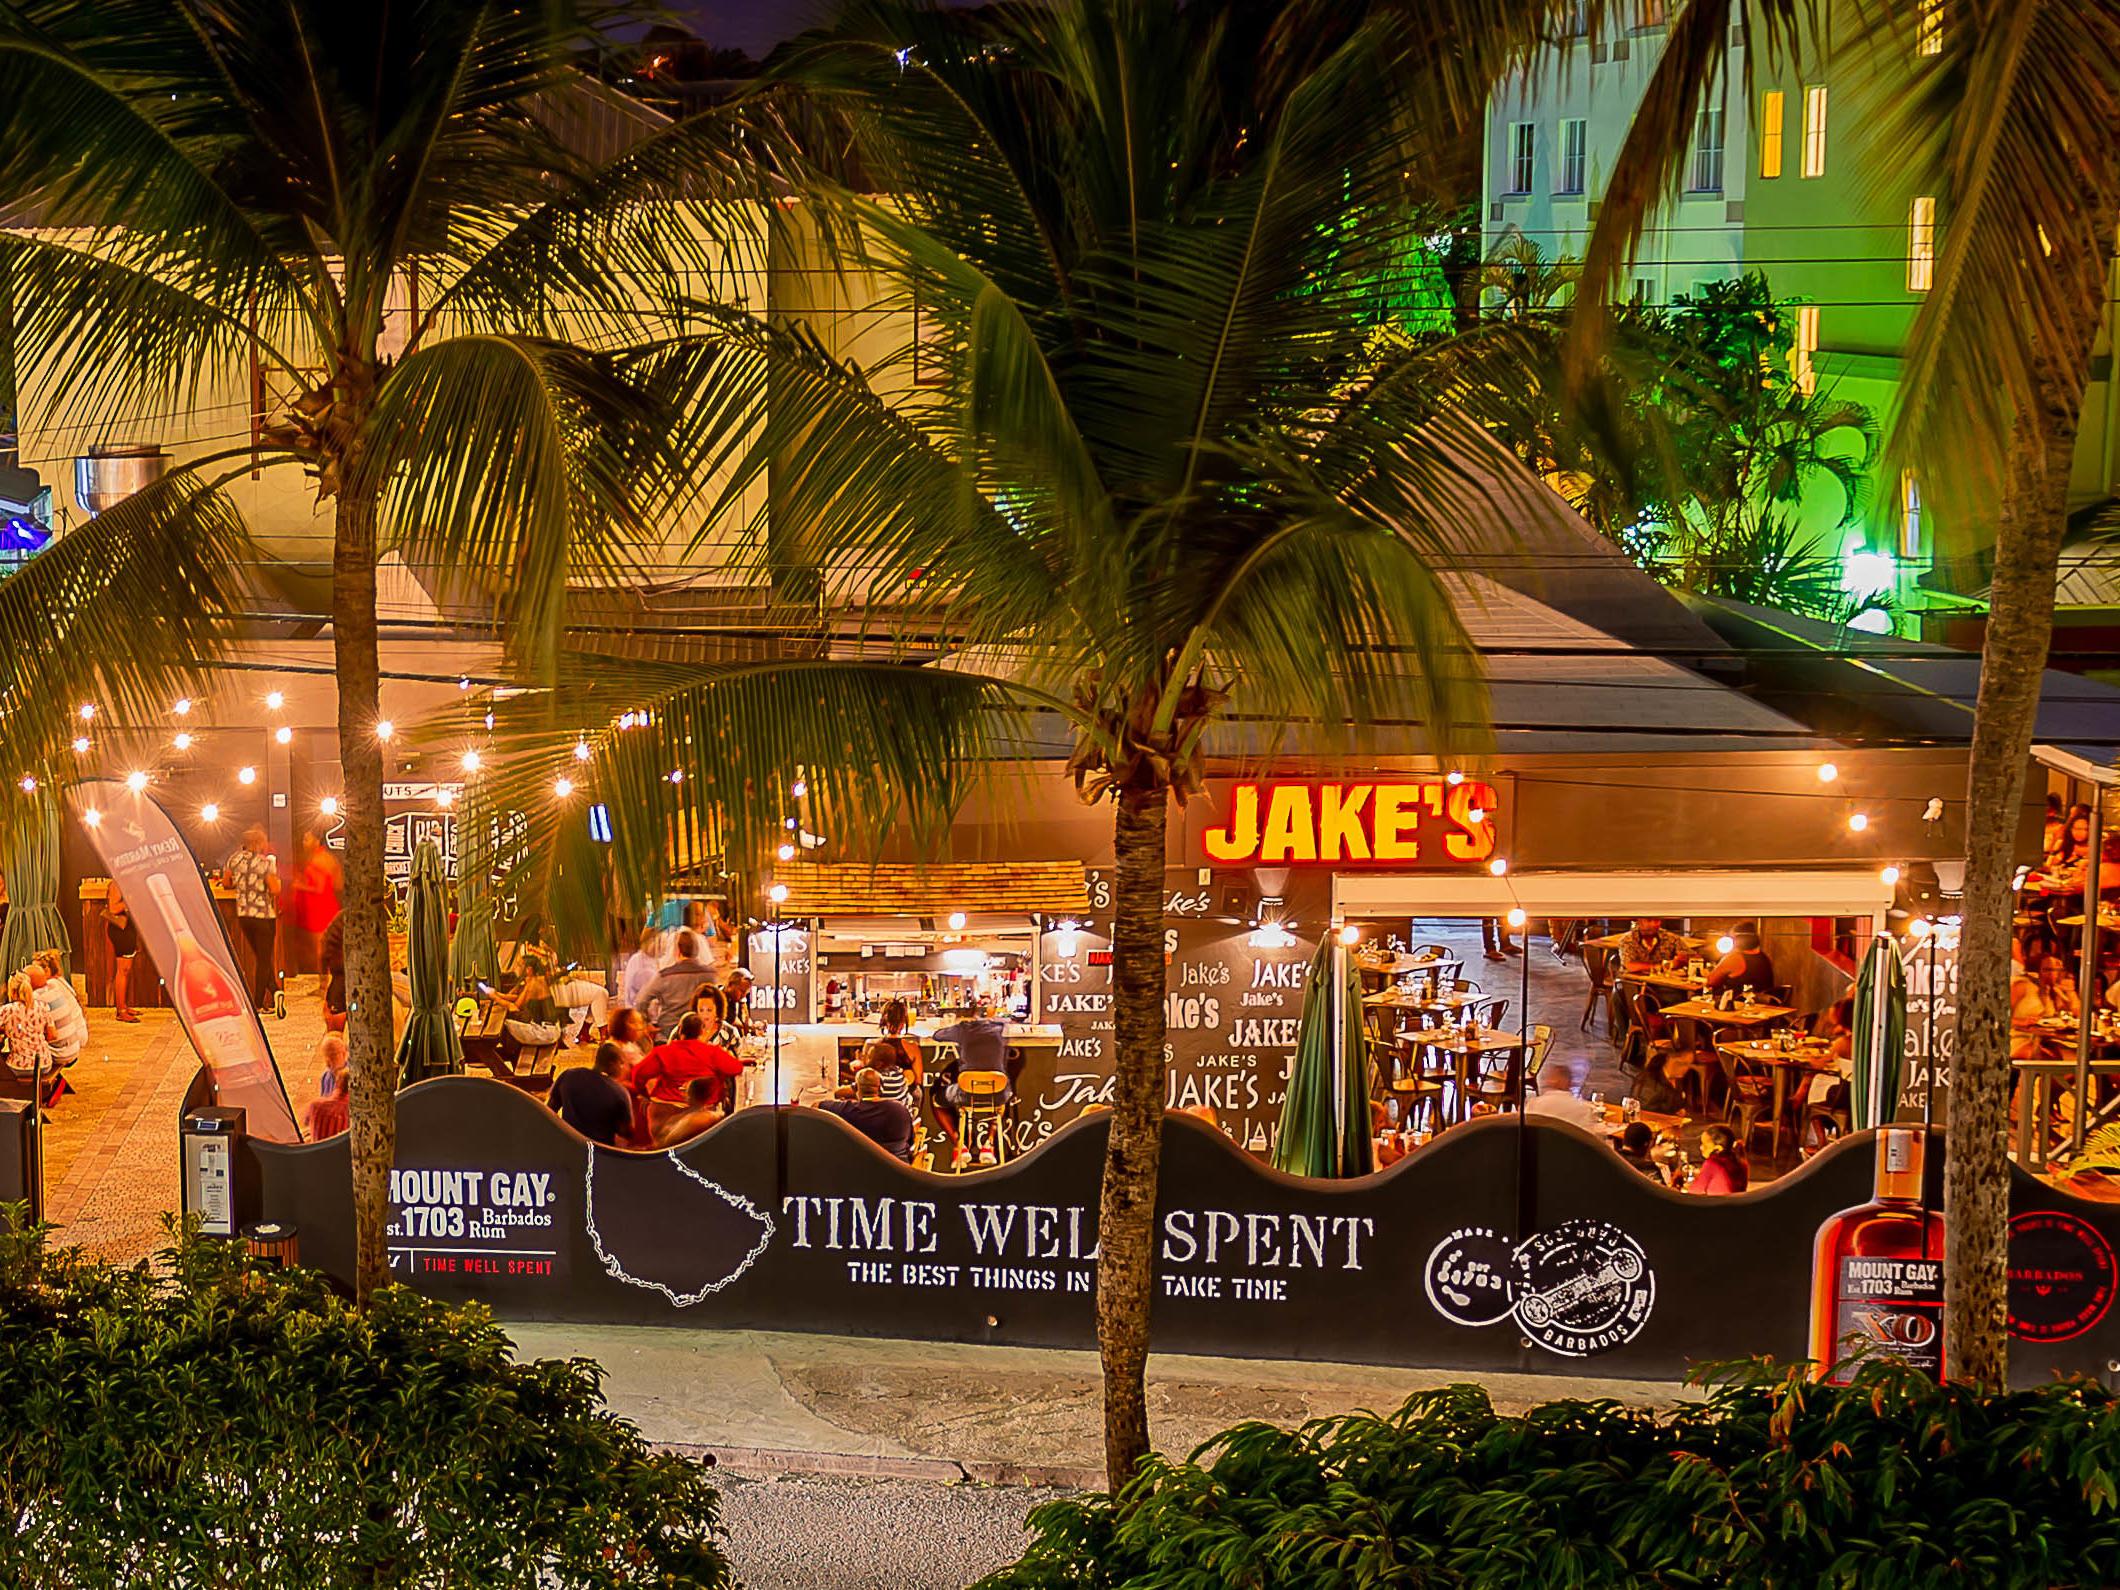 Jake's Restaurant